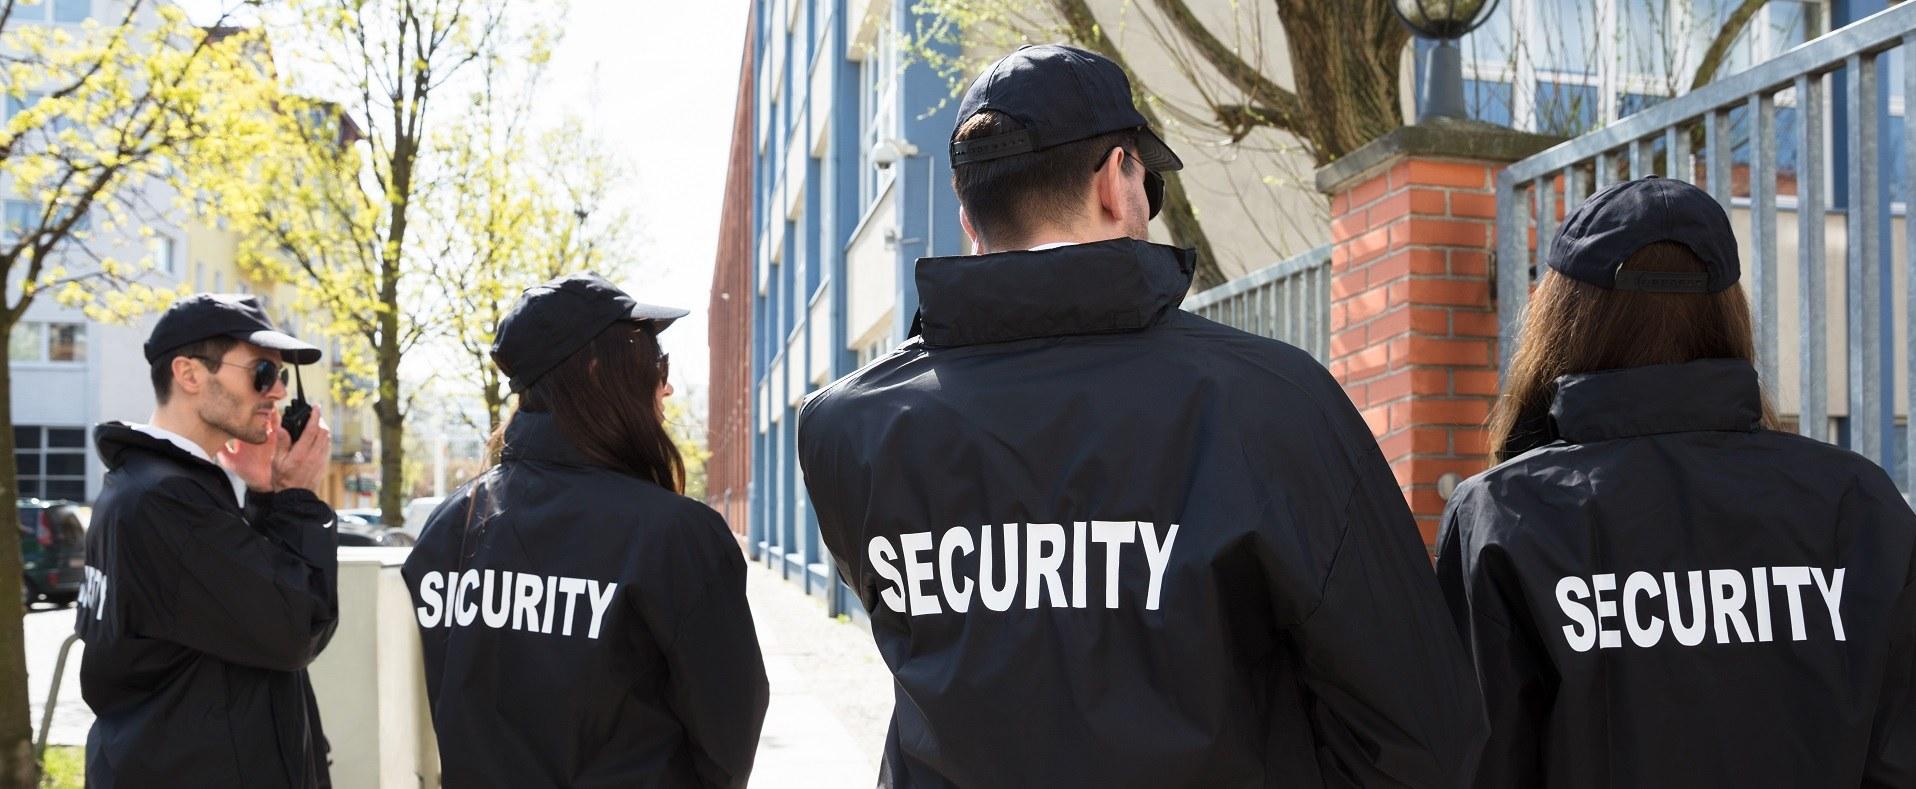 Wachmann, Wachschutz, Doorman, Türsteher, Security, Sicherheitsdienst, Agentur für Sicherheit und Brandschutz, Castrop-Rauxel